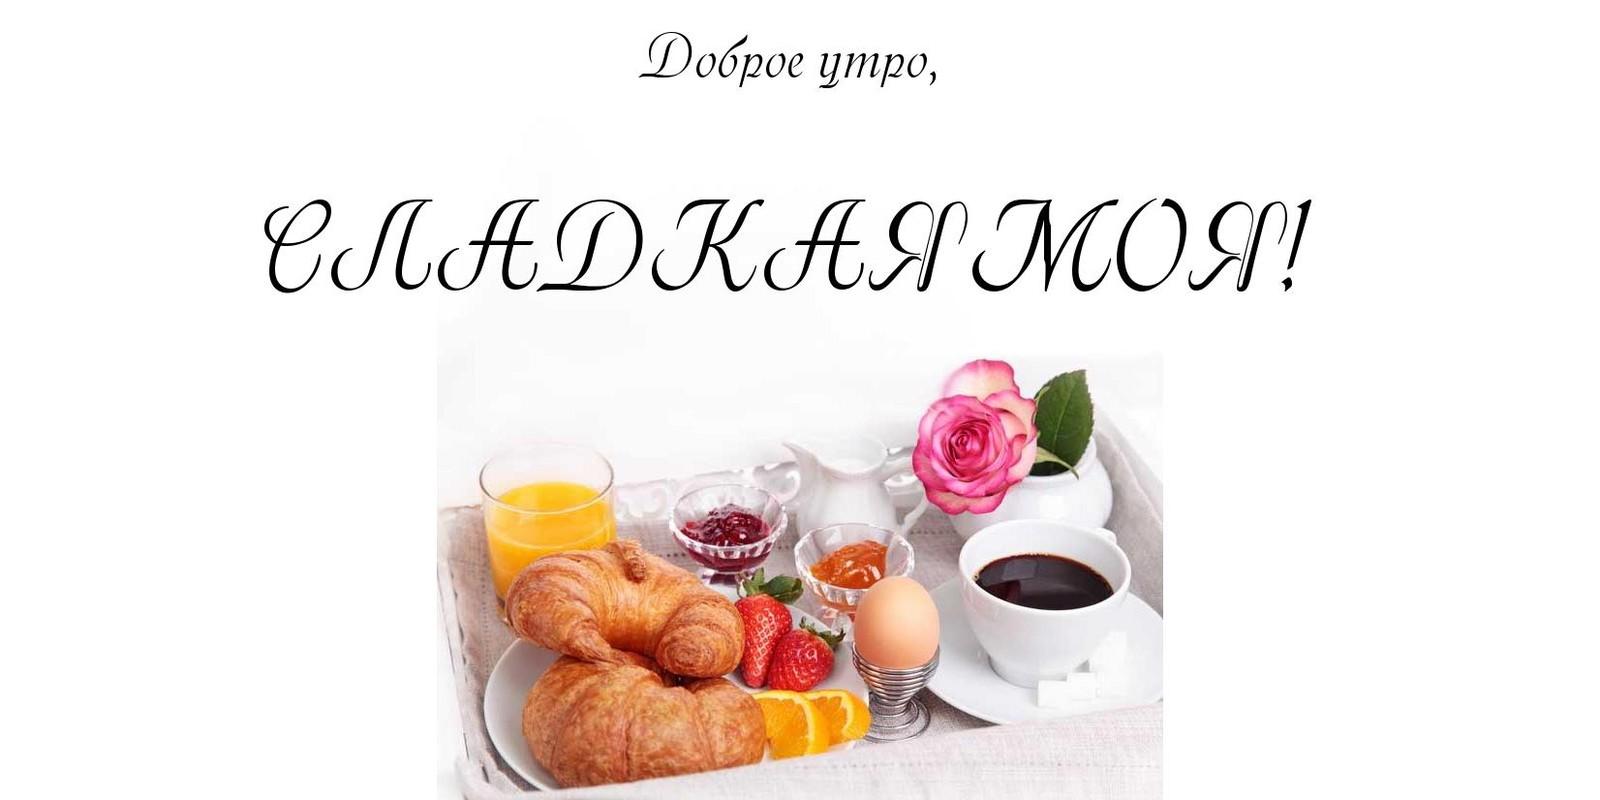 Открытки доброе утро сладкий 69